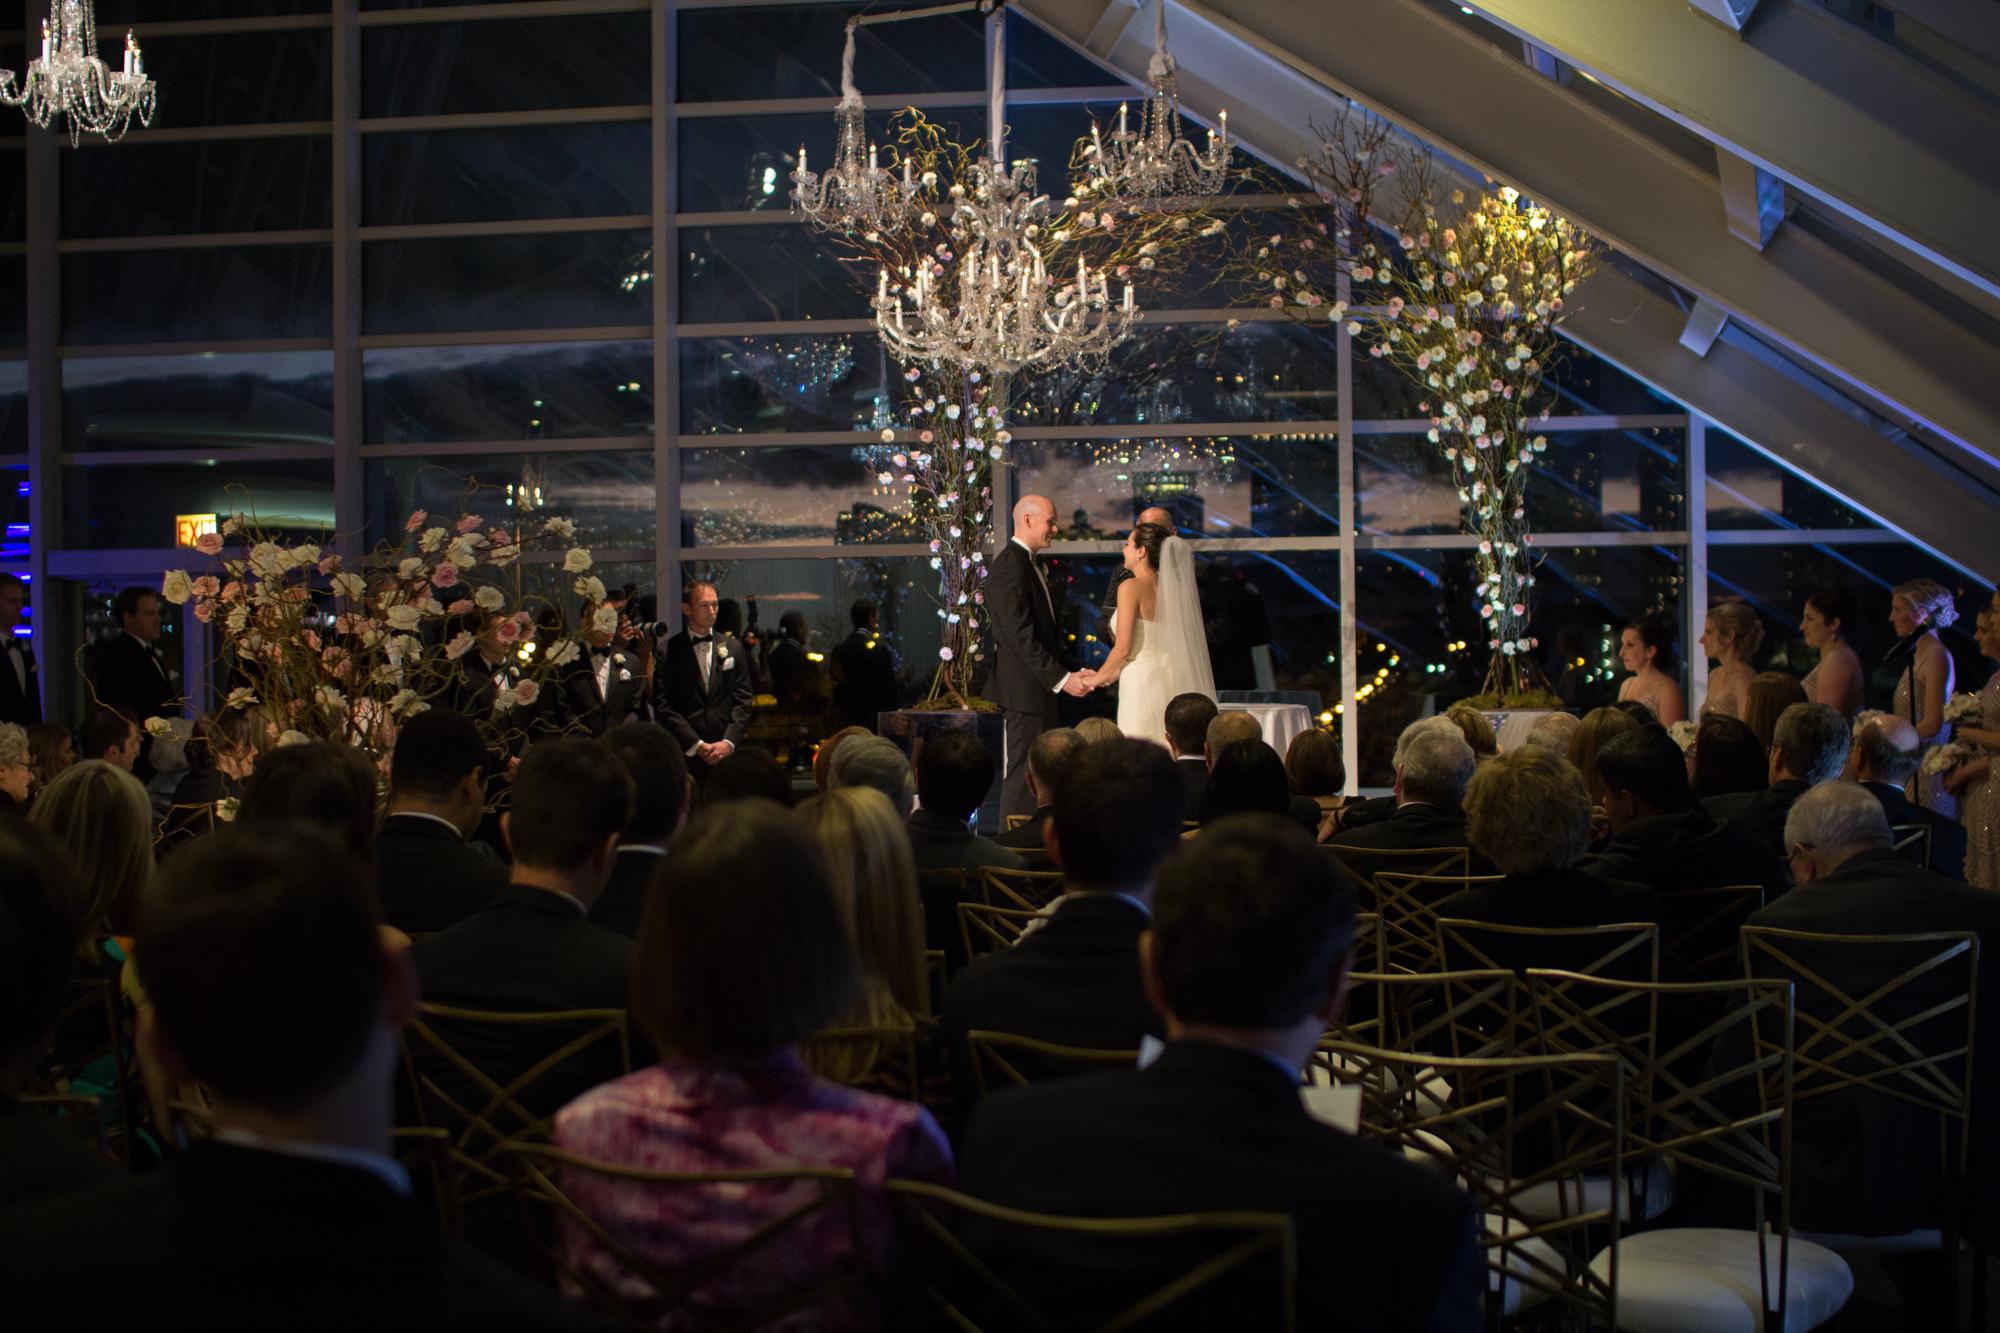 Evening wedding ceremony at Adler Planetarium in Chicago